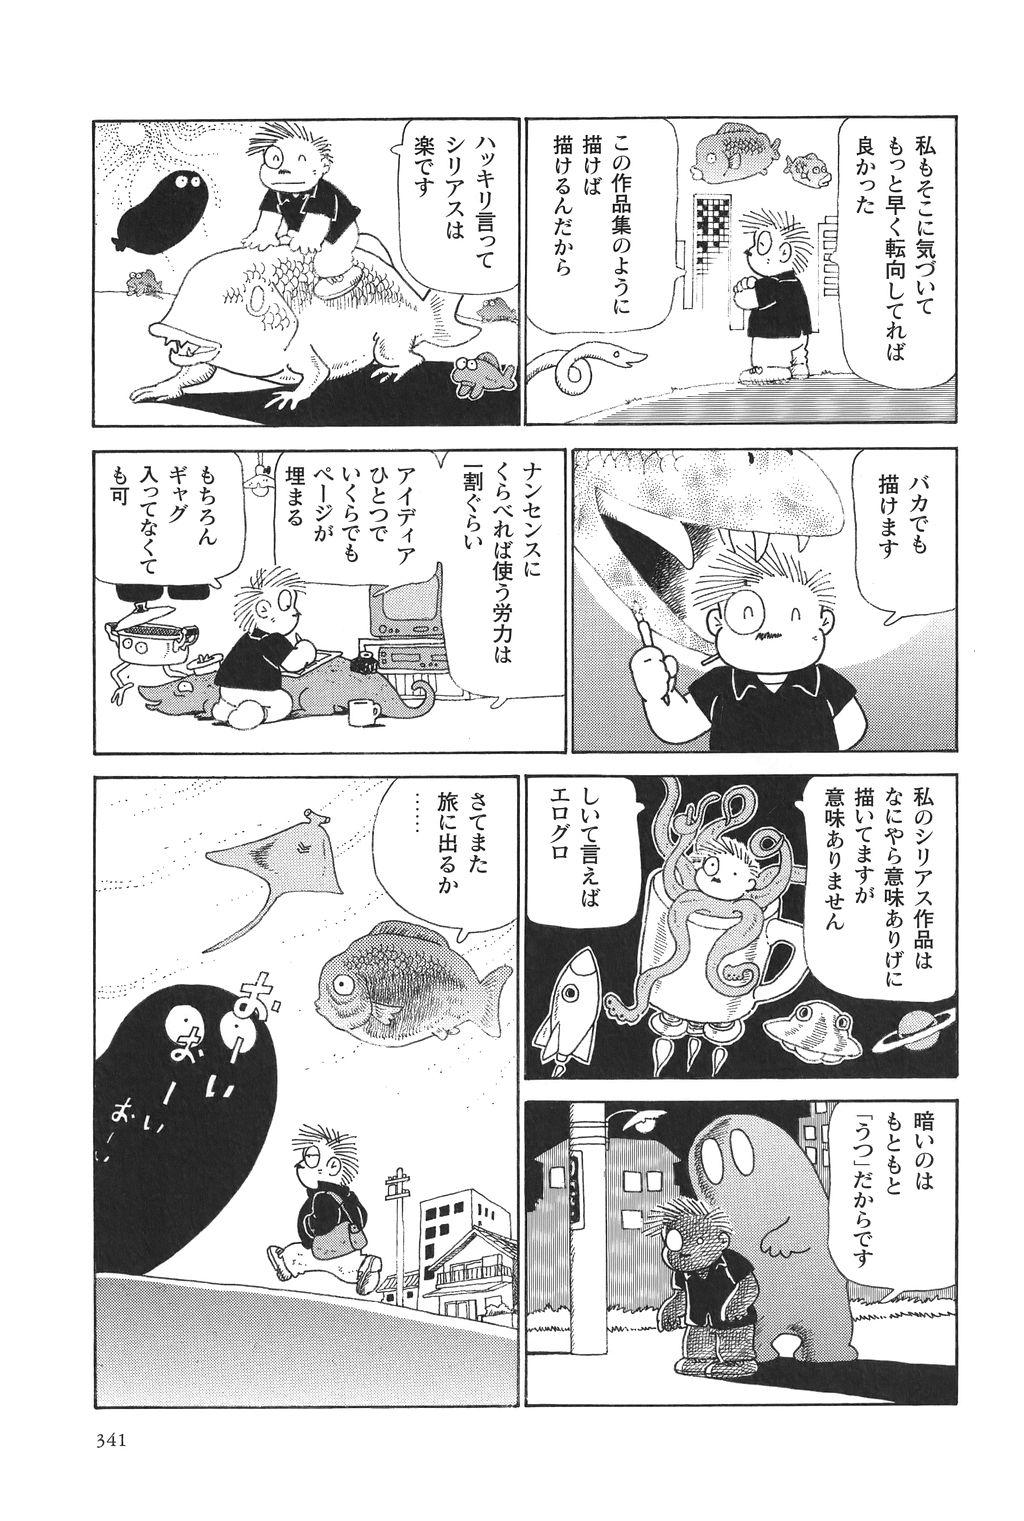 Azuma Hideo Sakuhin Shuusei - Yoru no Tobari no Naka de 341